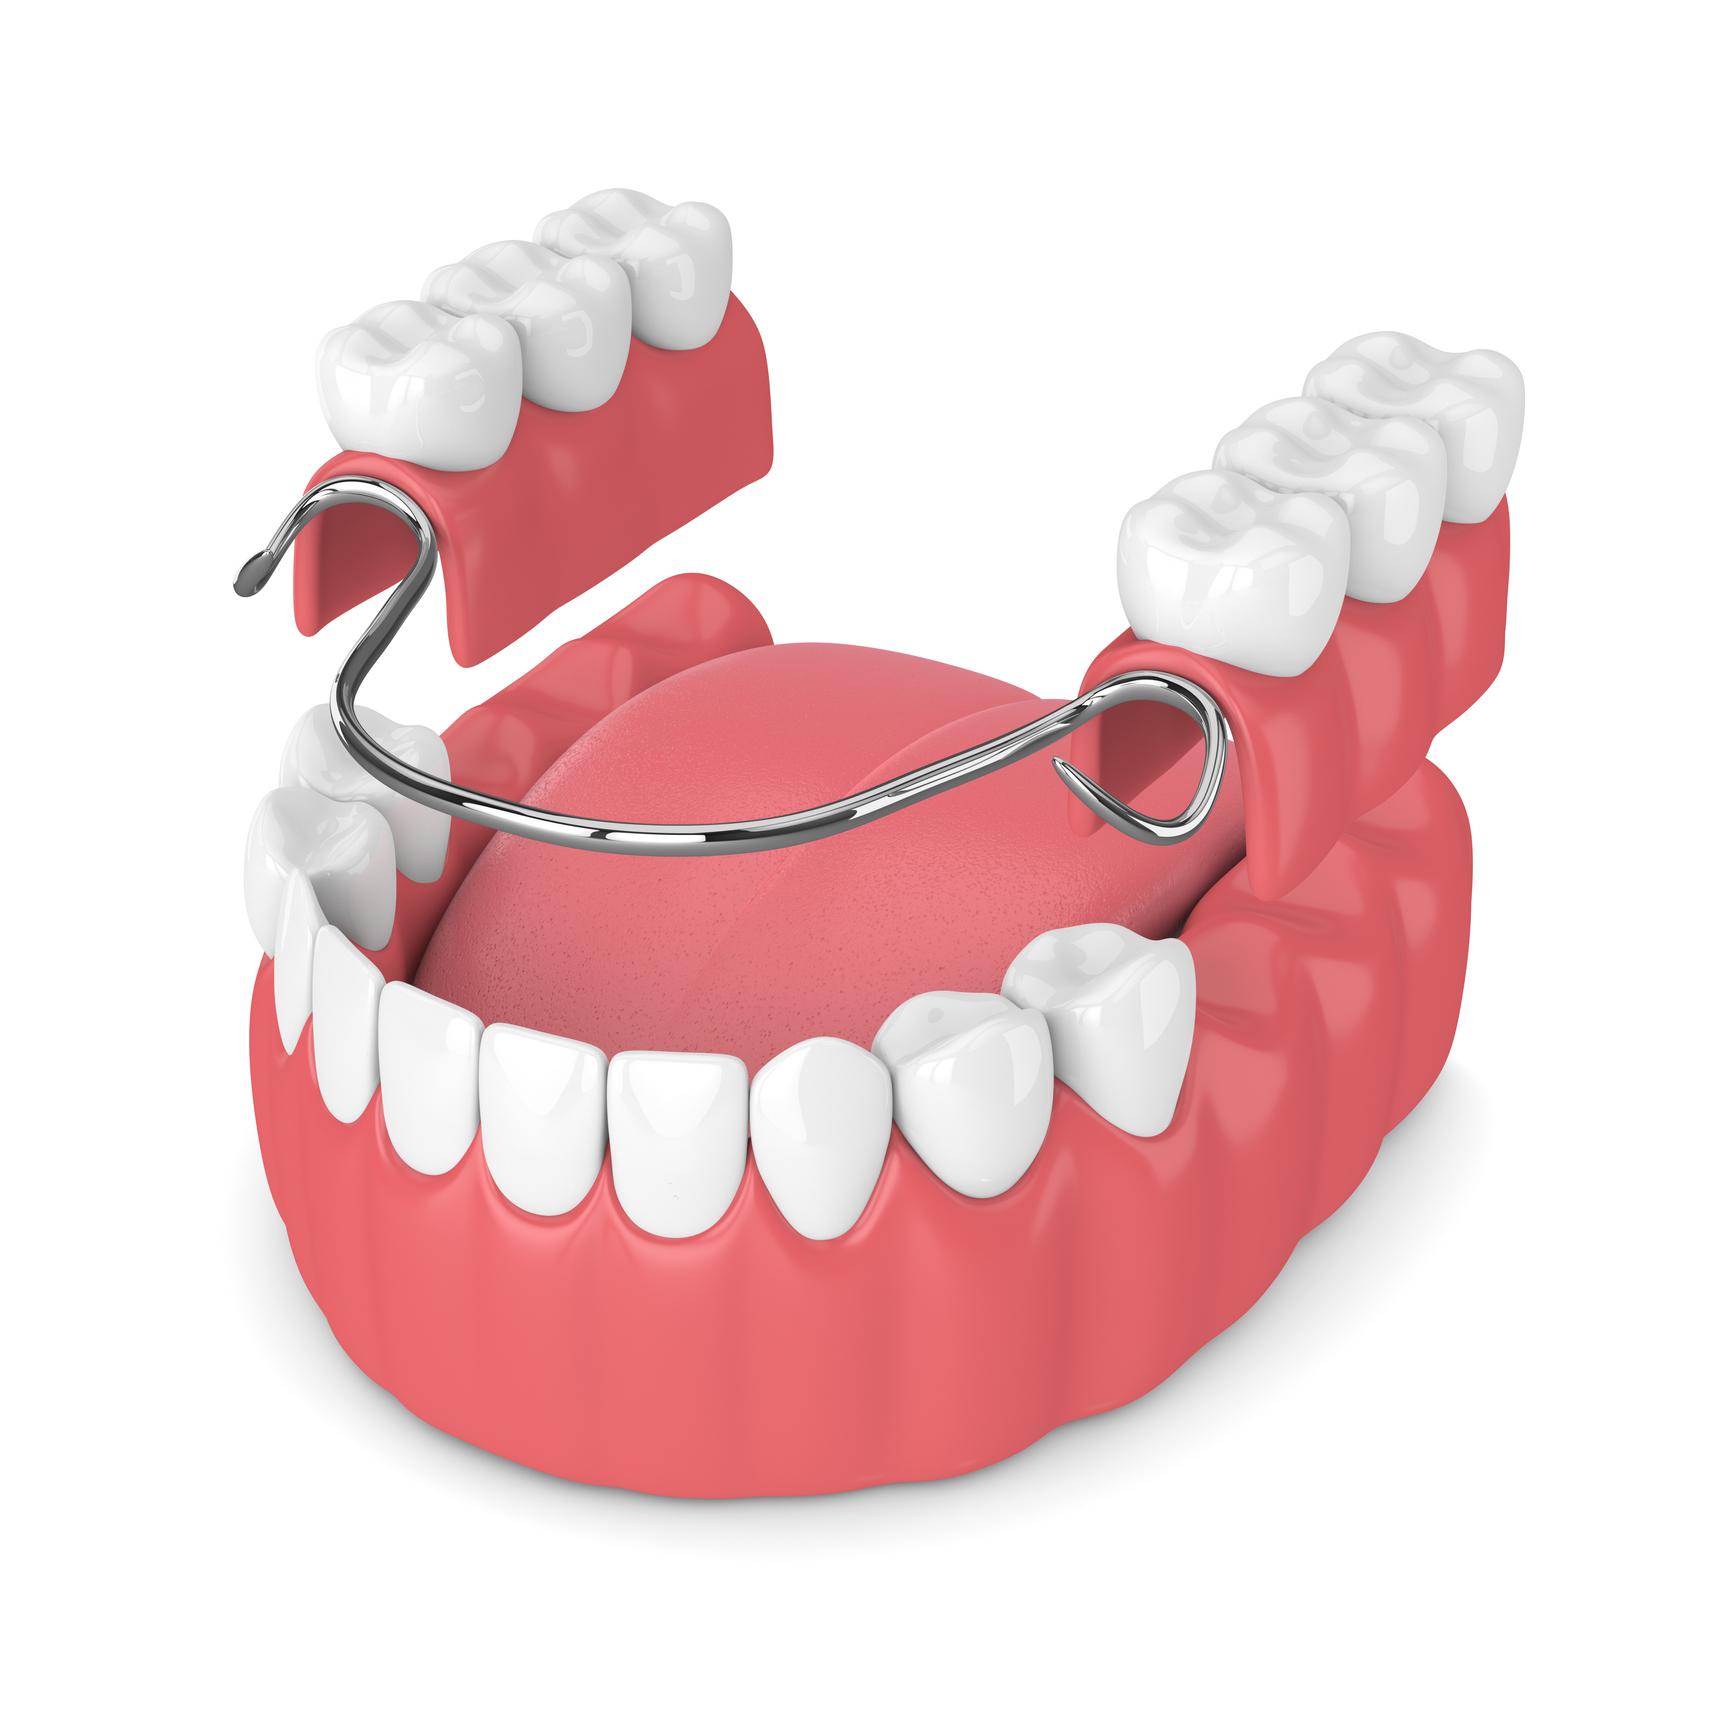 Protesi dentale parziale